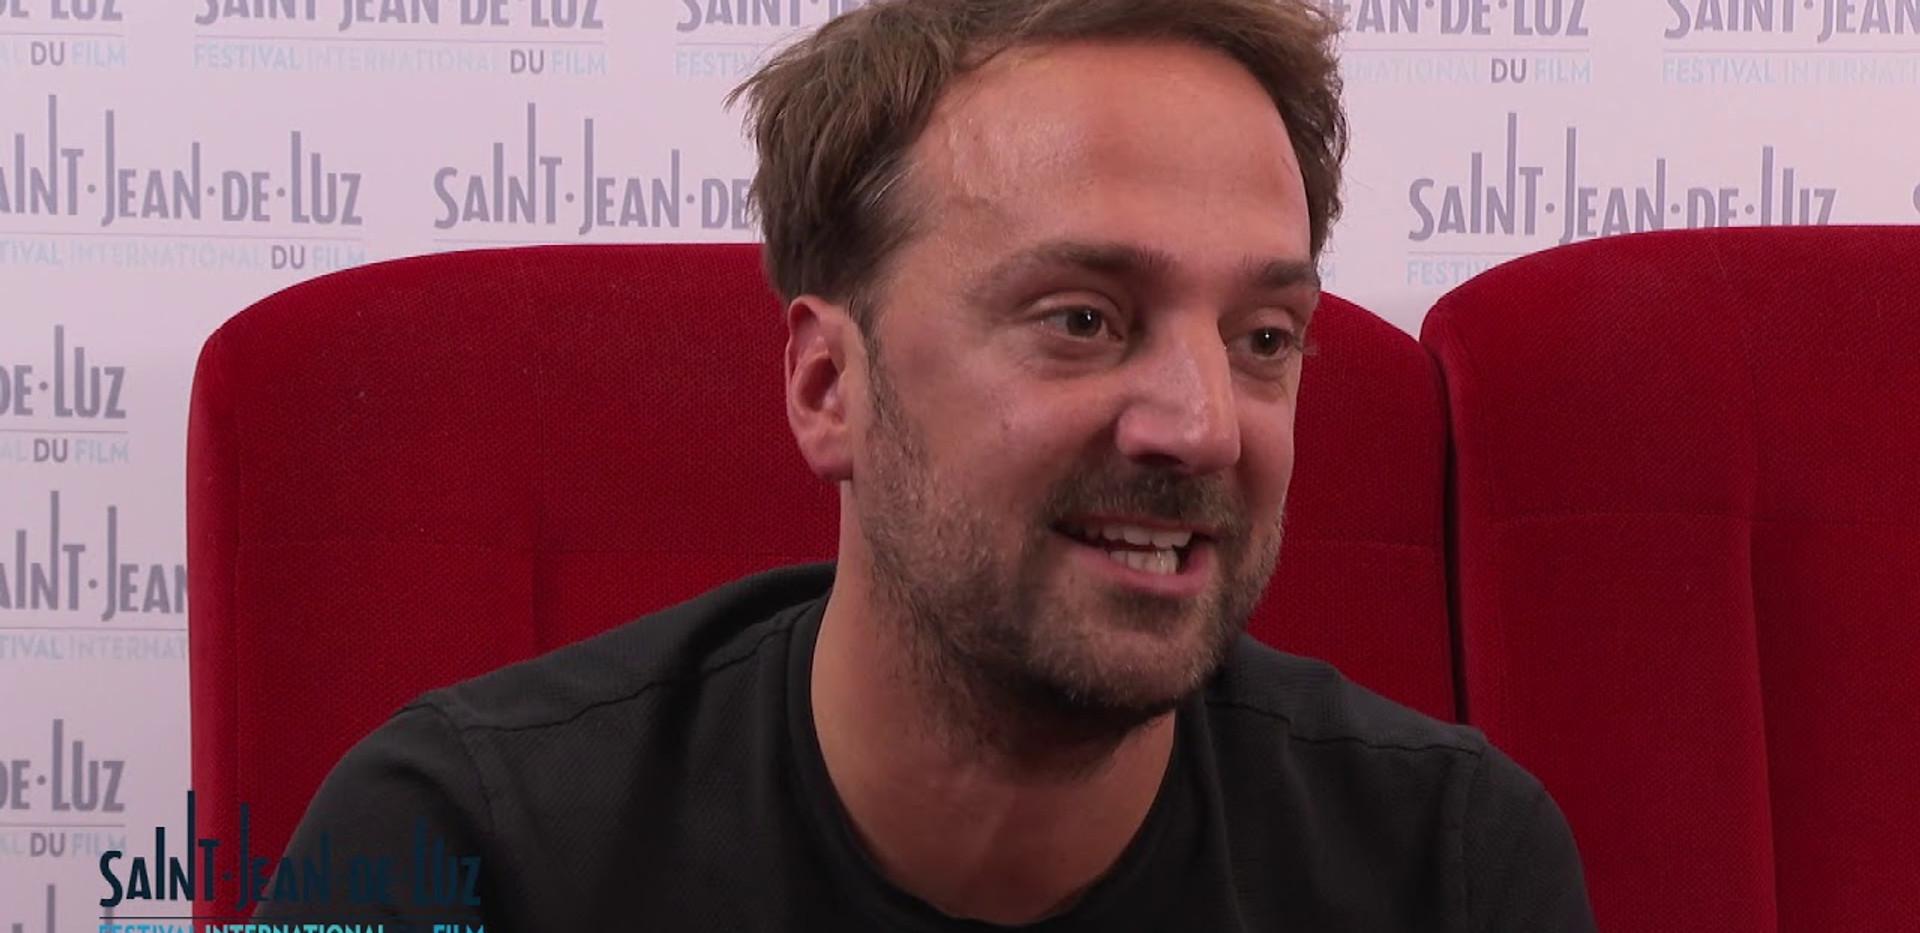 Les invisibles - Interview du réalisateur Louis-Julien Petit, & de la comédienne Audrey Lamy